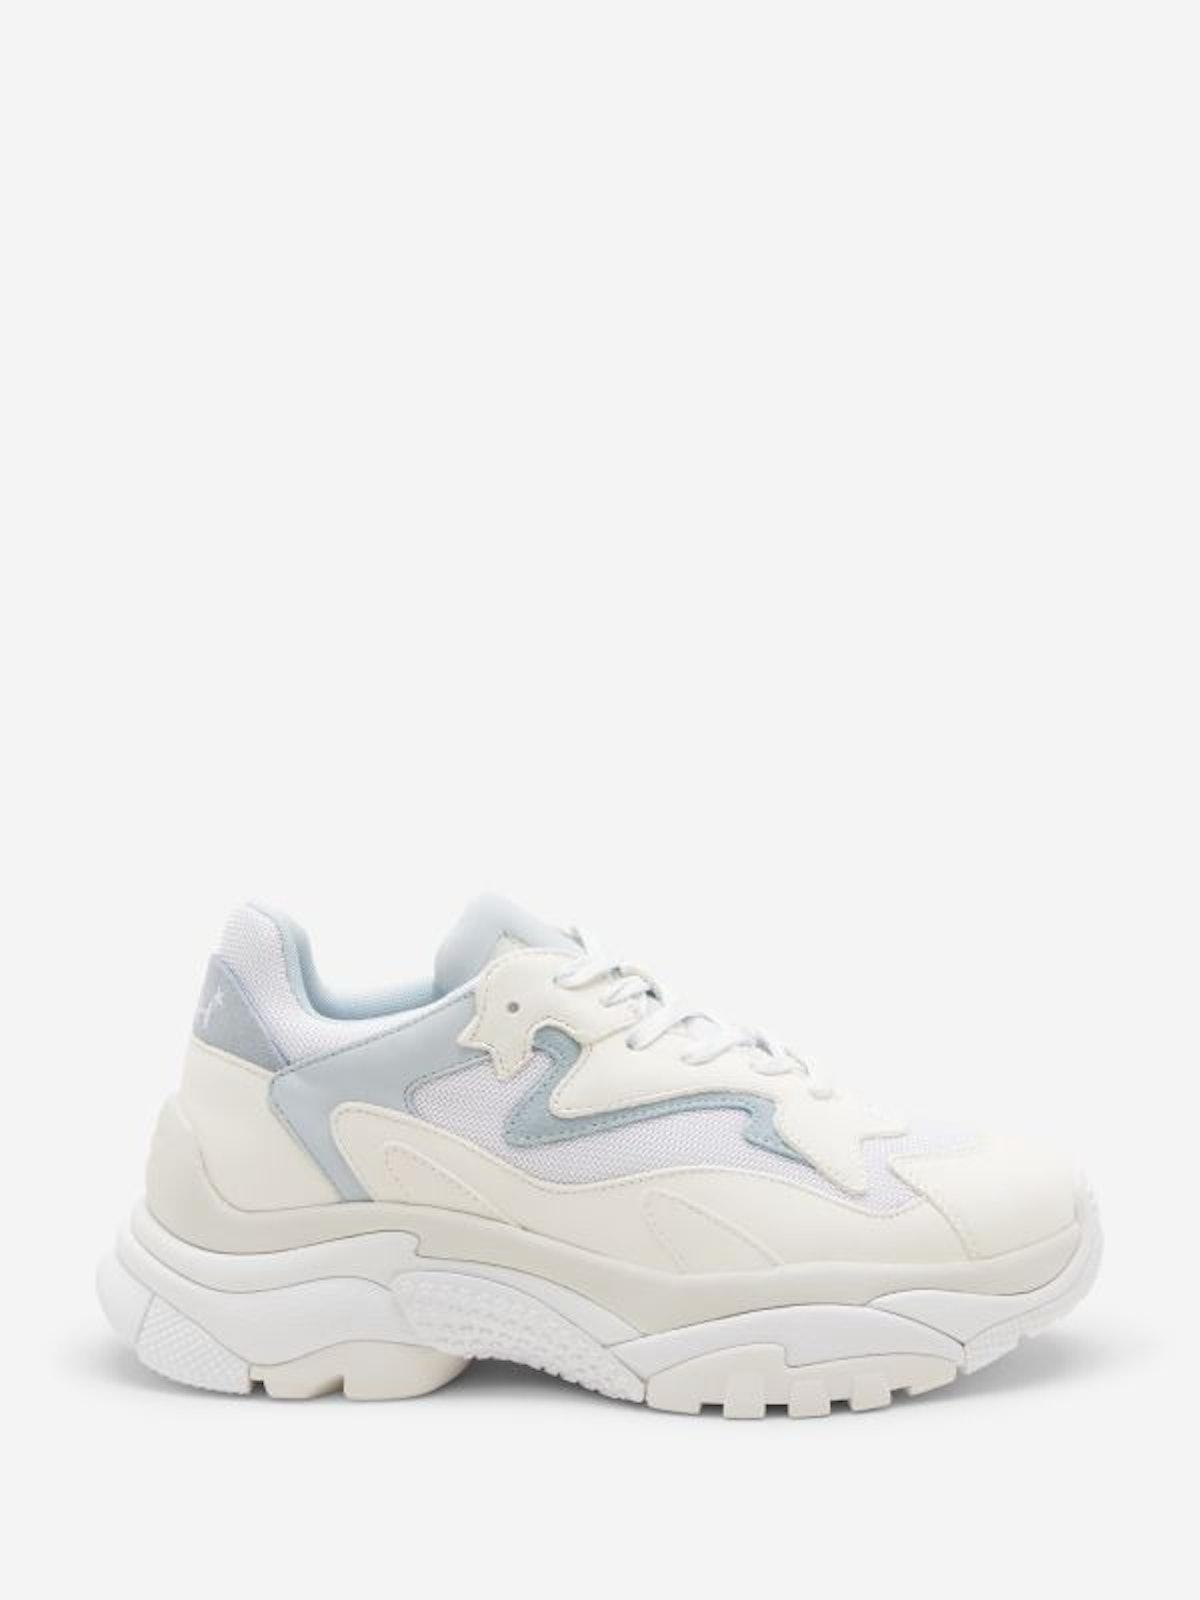 Addict Lace Up Sneakers in Pristine/White